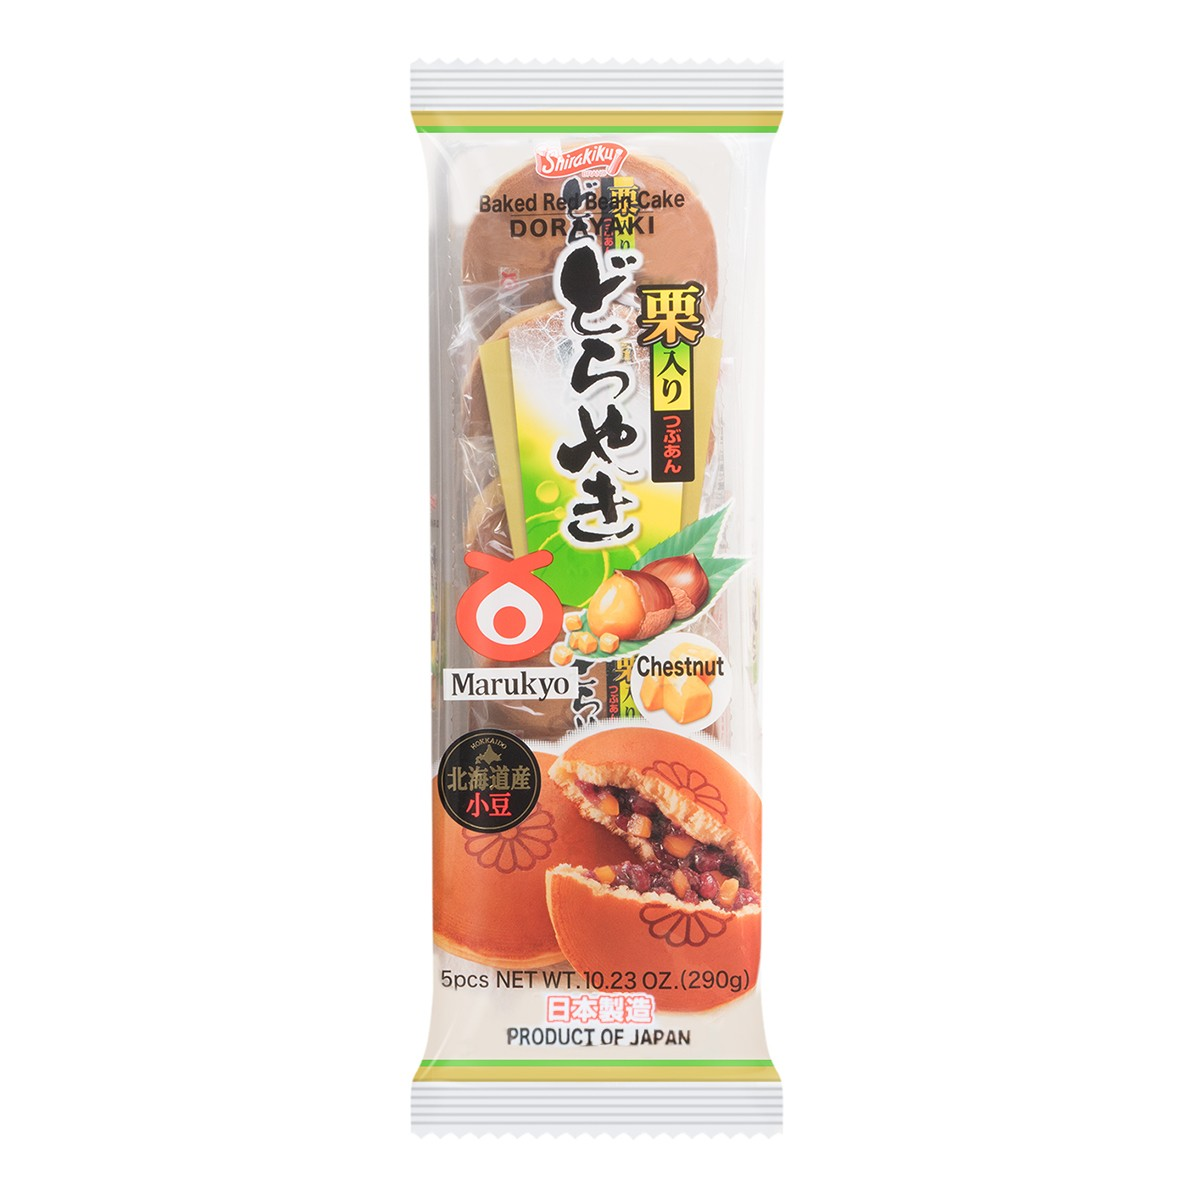 MARUKYO Japanese Pancake Chestnut Flavor 5 Packs 290g